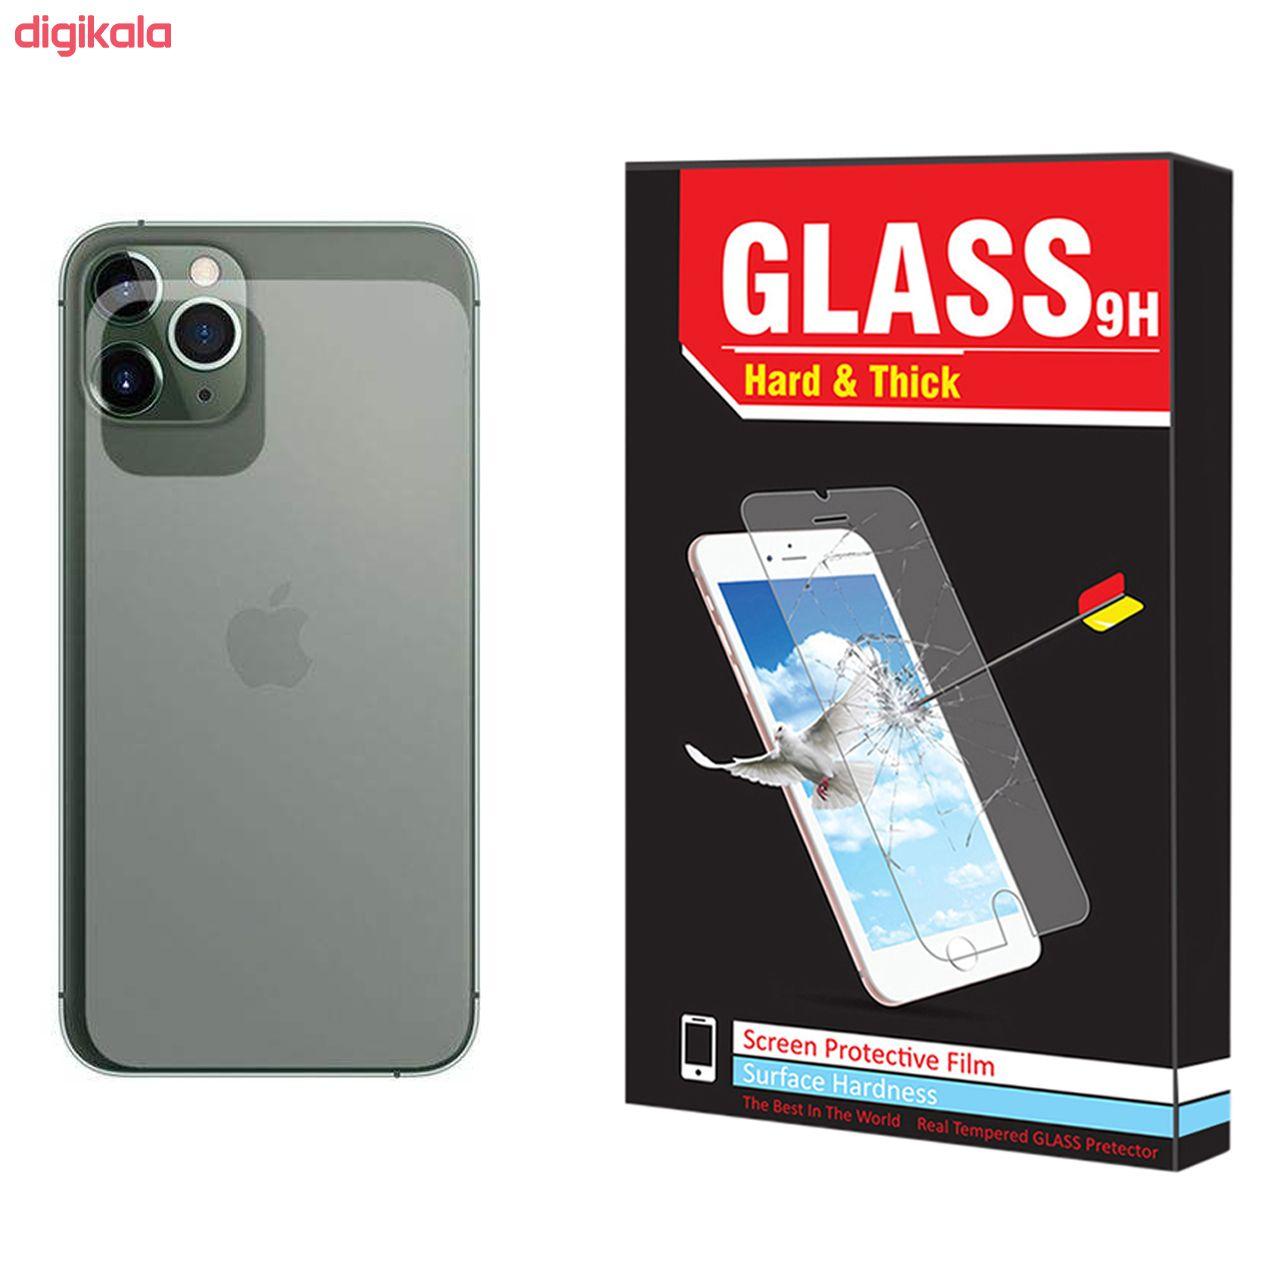 محافظ پشت گوشی Hard and Thick مدل TPB-001 مناسب برای گوشی موبایل اپل Iphone 12 Pro max main 1 1